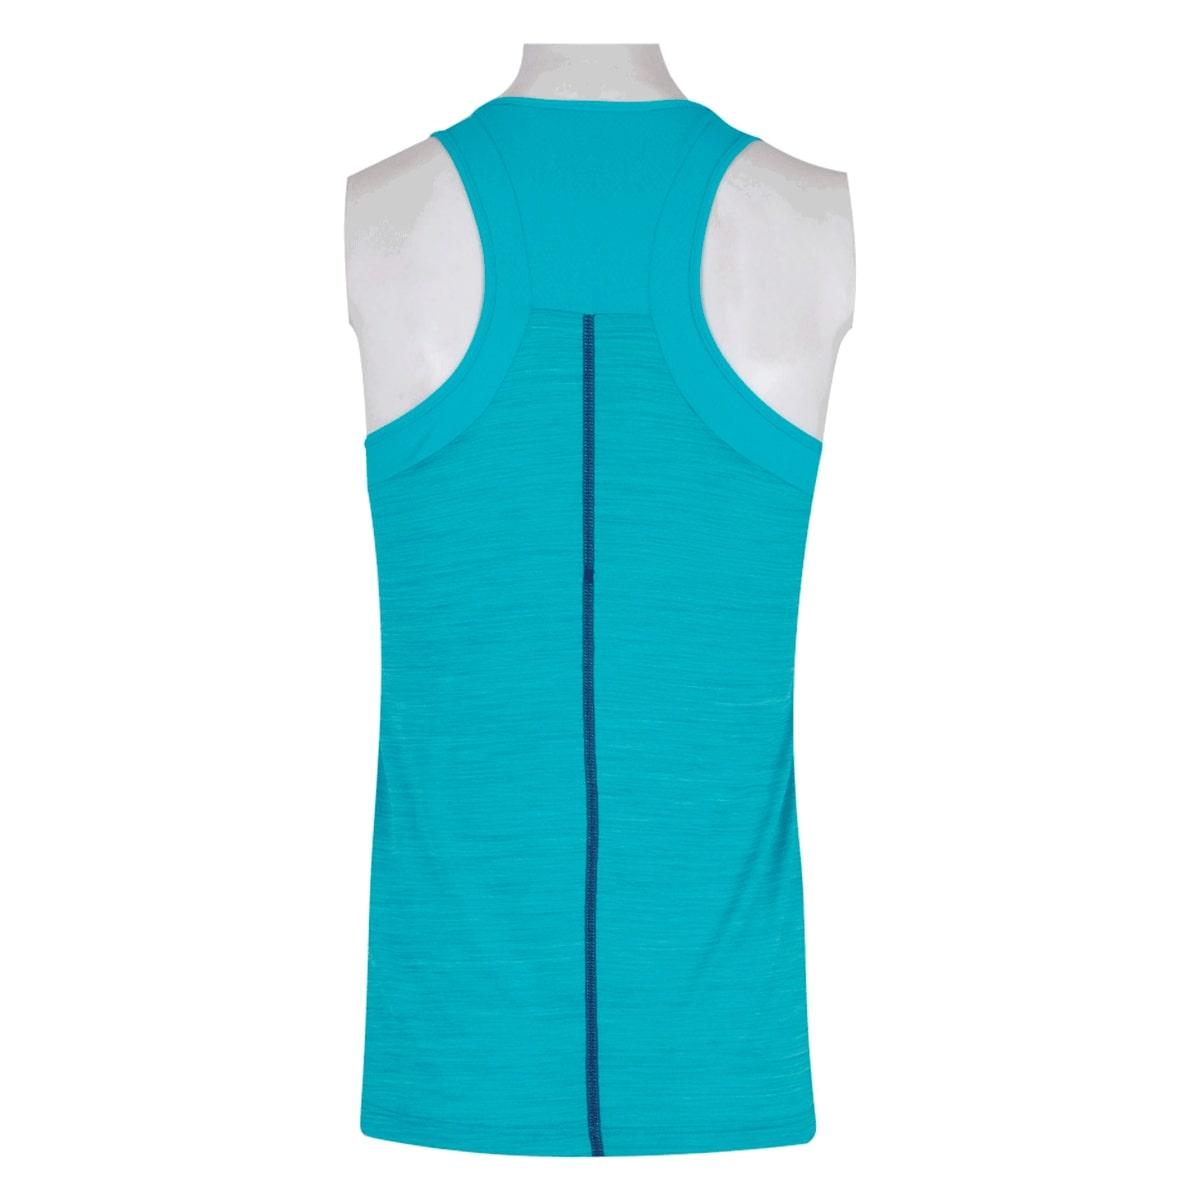 Camiseta Regata Asics Tank Feminina Azul Piscina